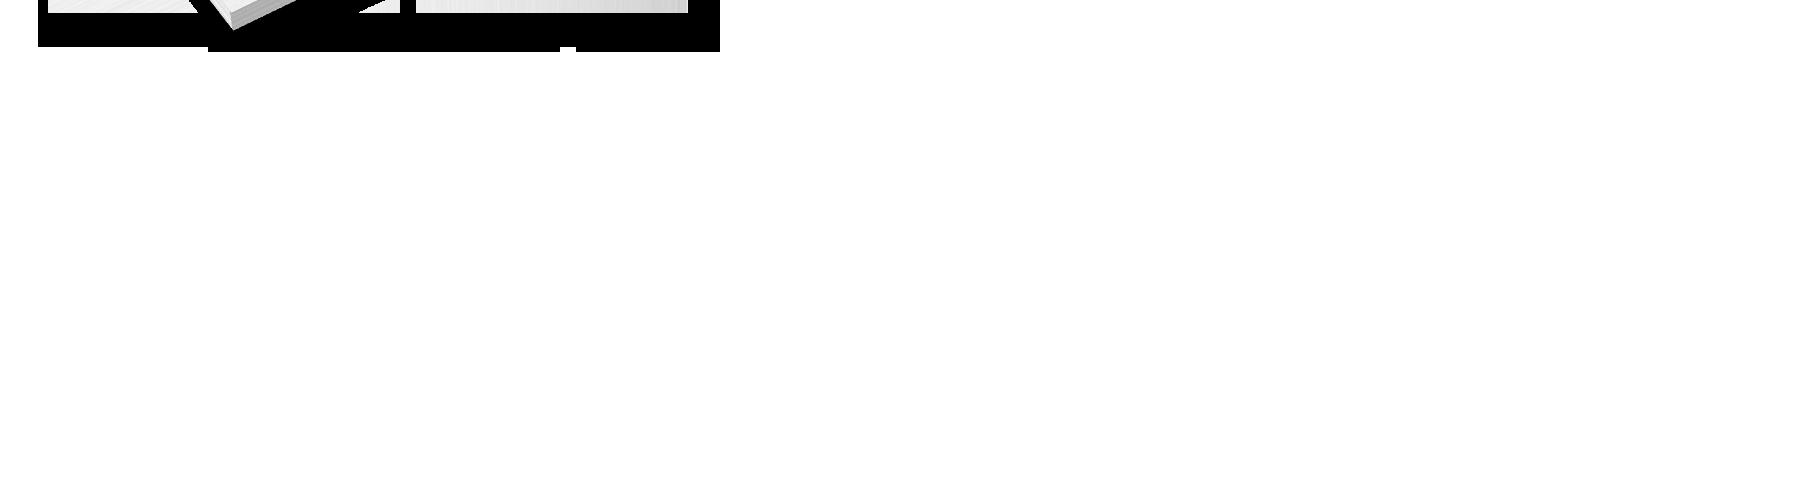 datasheet-banner-5